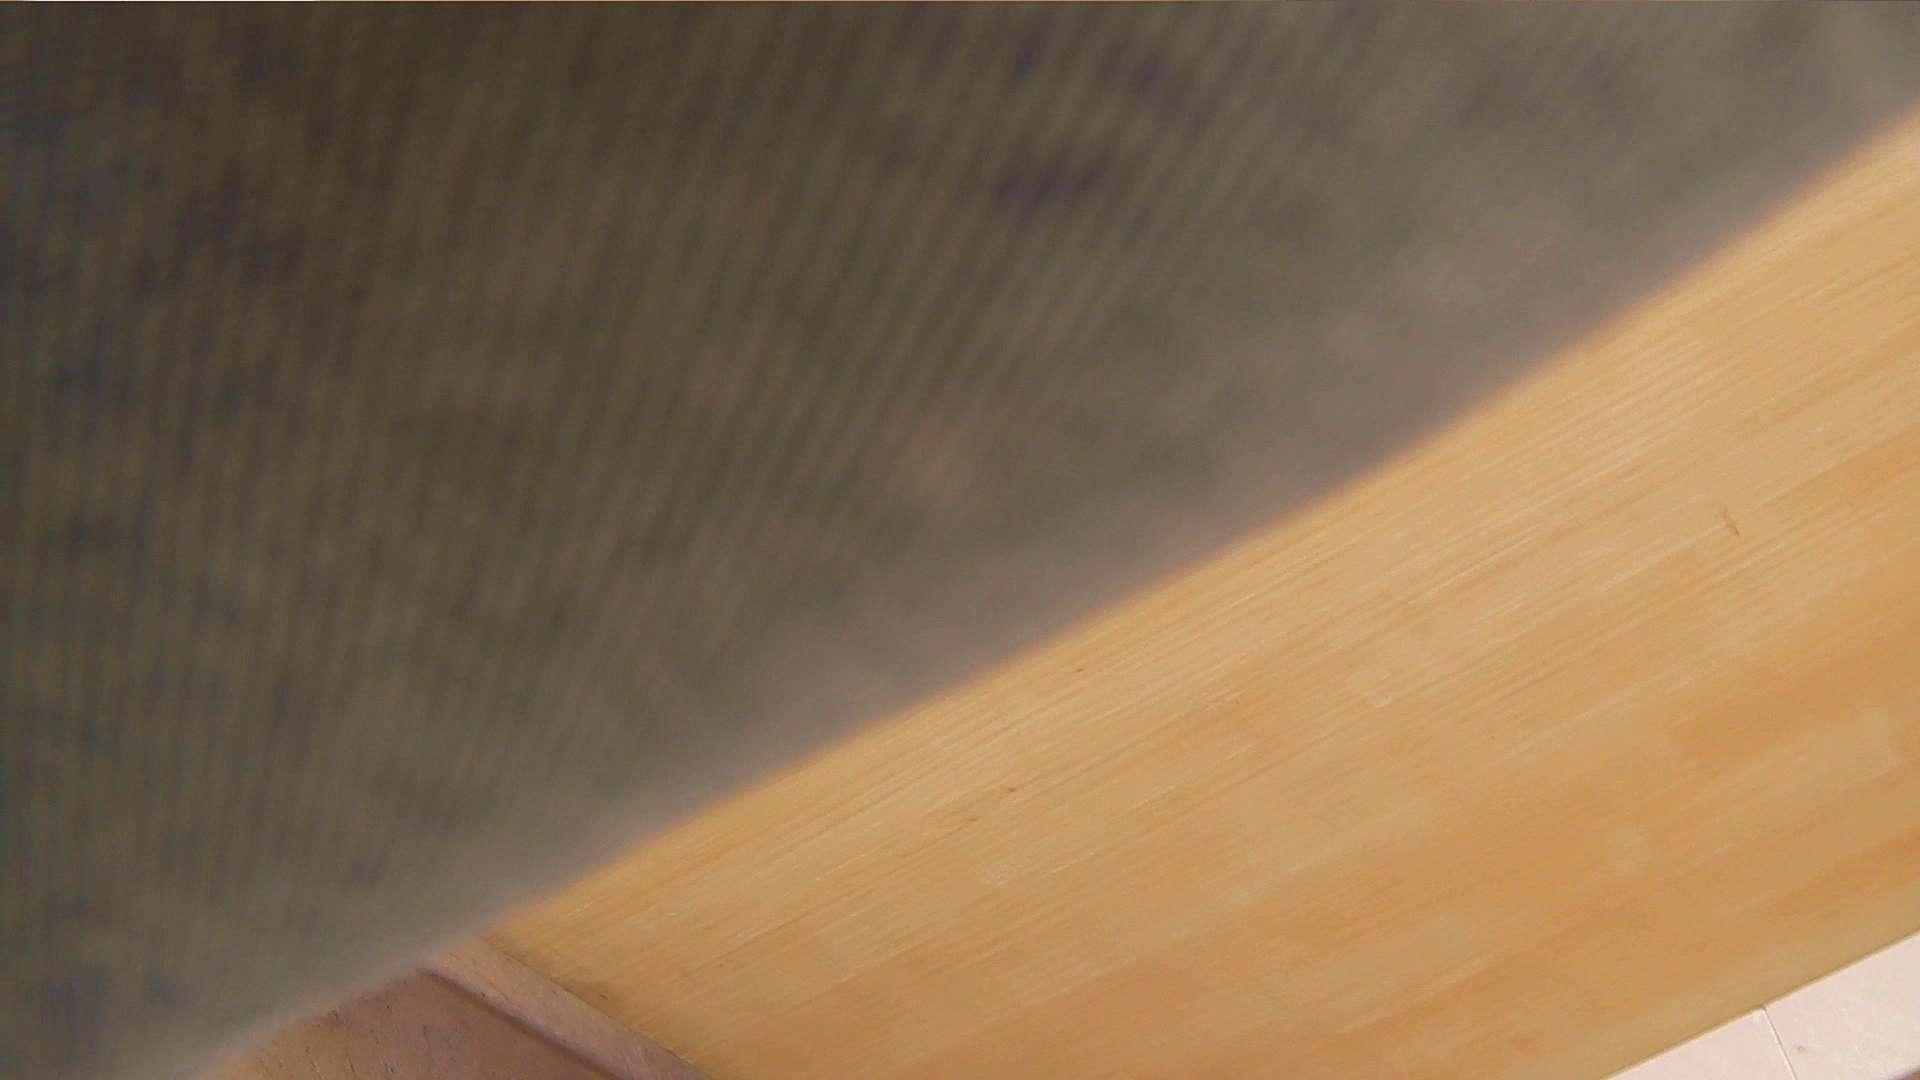 阿国ちゃんの「和式洋式七変化」No.1 お姉さんのSEX おまんこ無修正動画無料 89枚 53